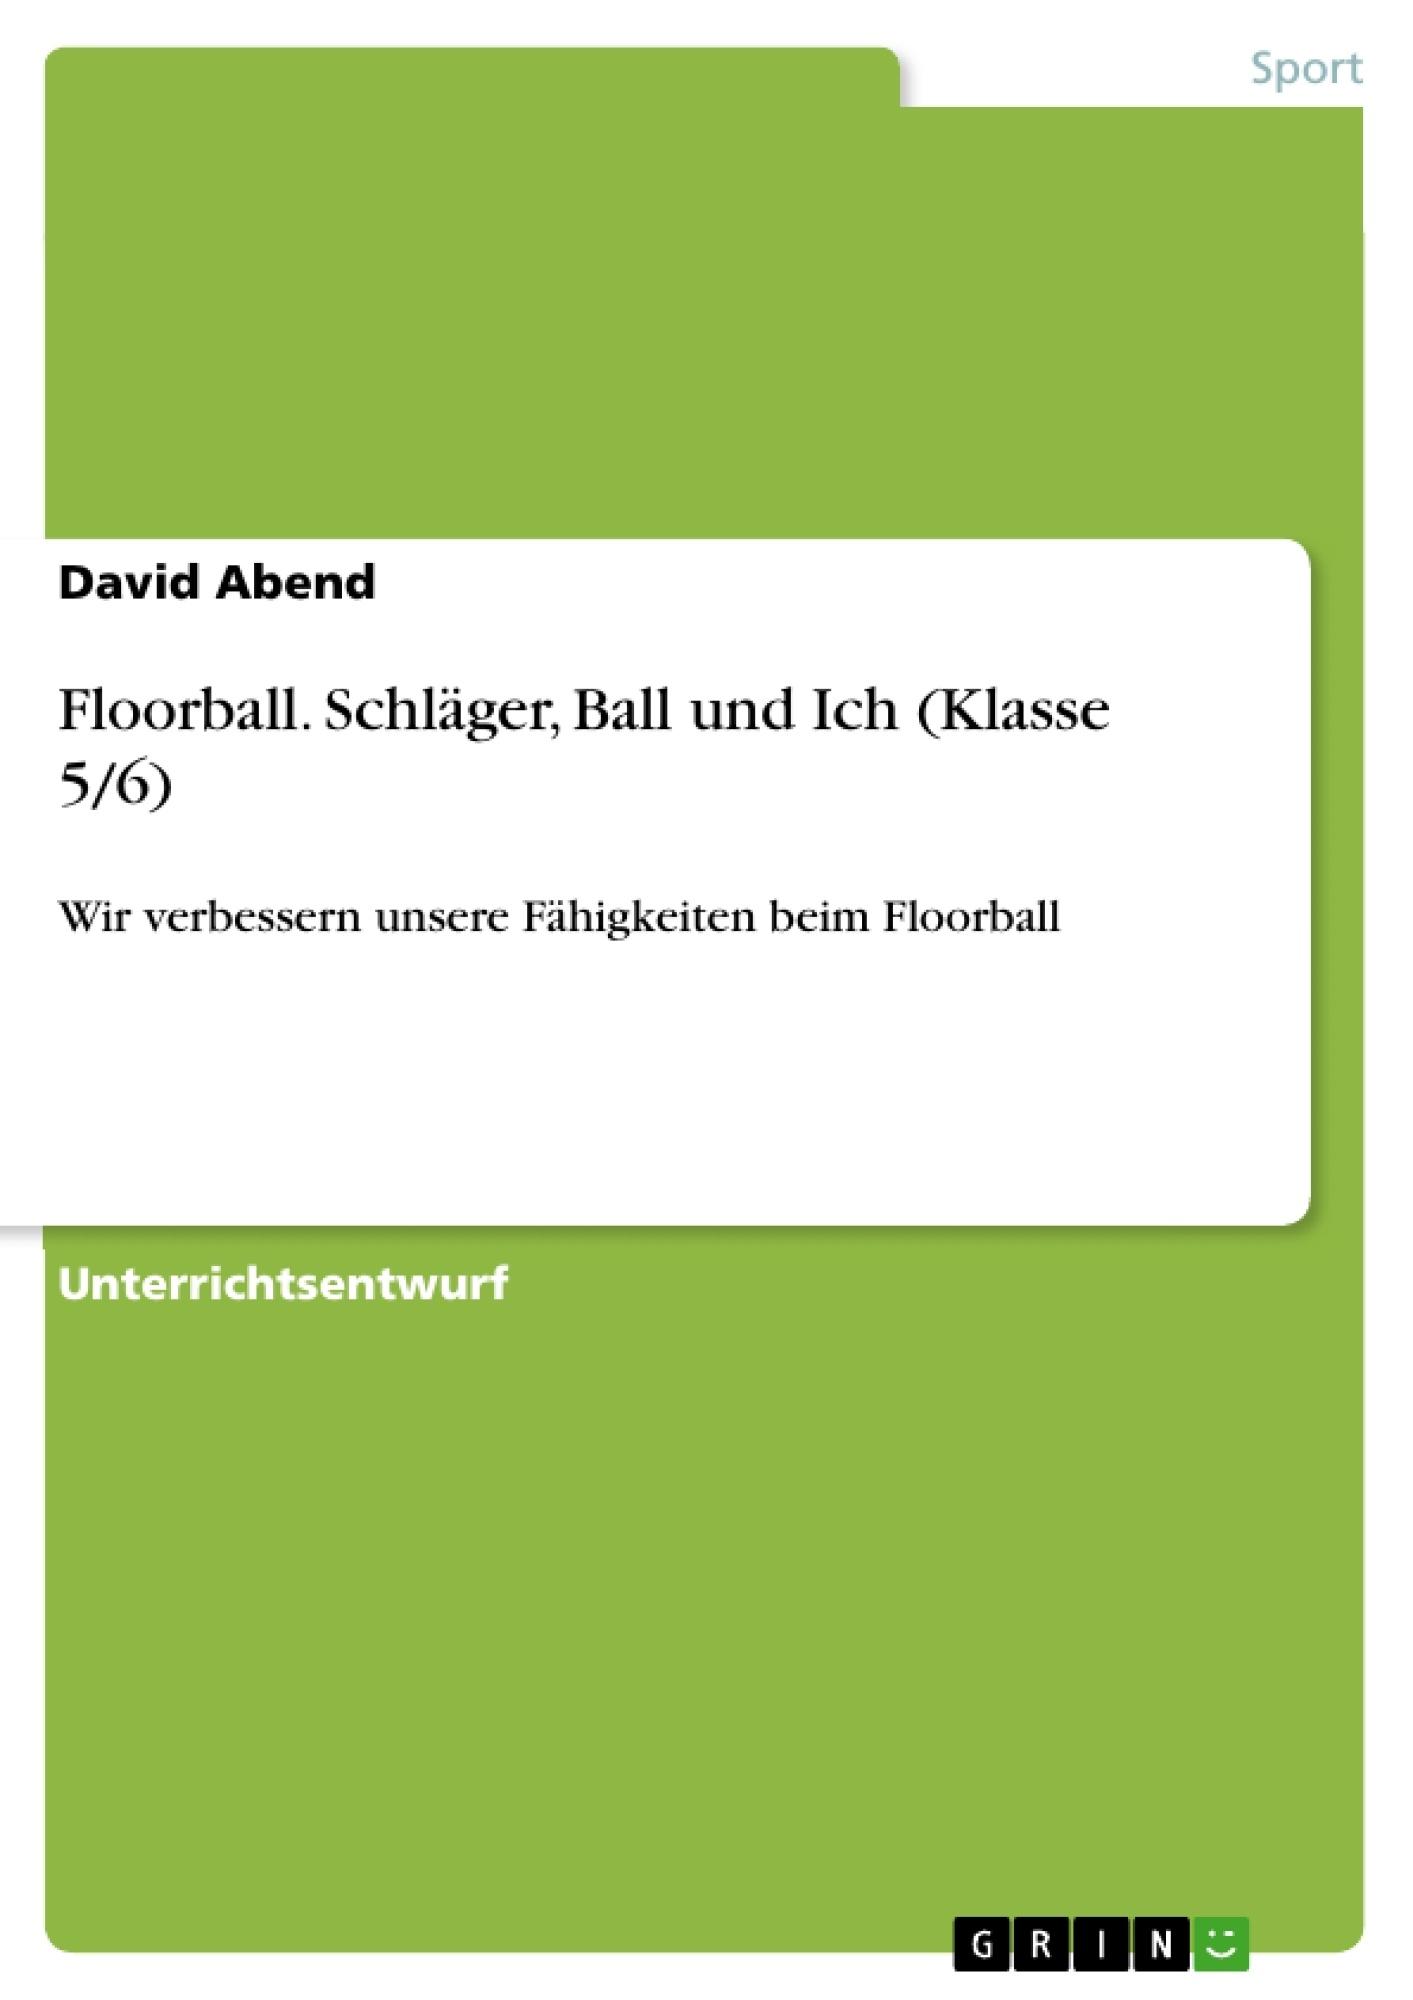 Titel: Floorball. Schläger, Ball und Ich (Klasse 5/6)